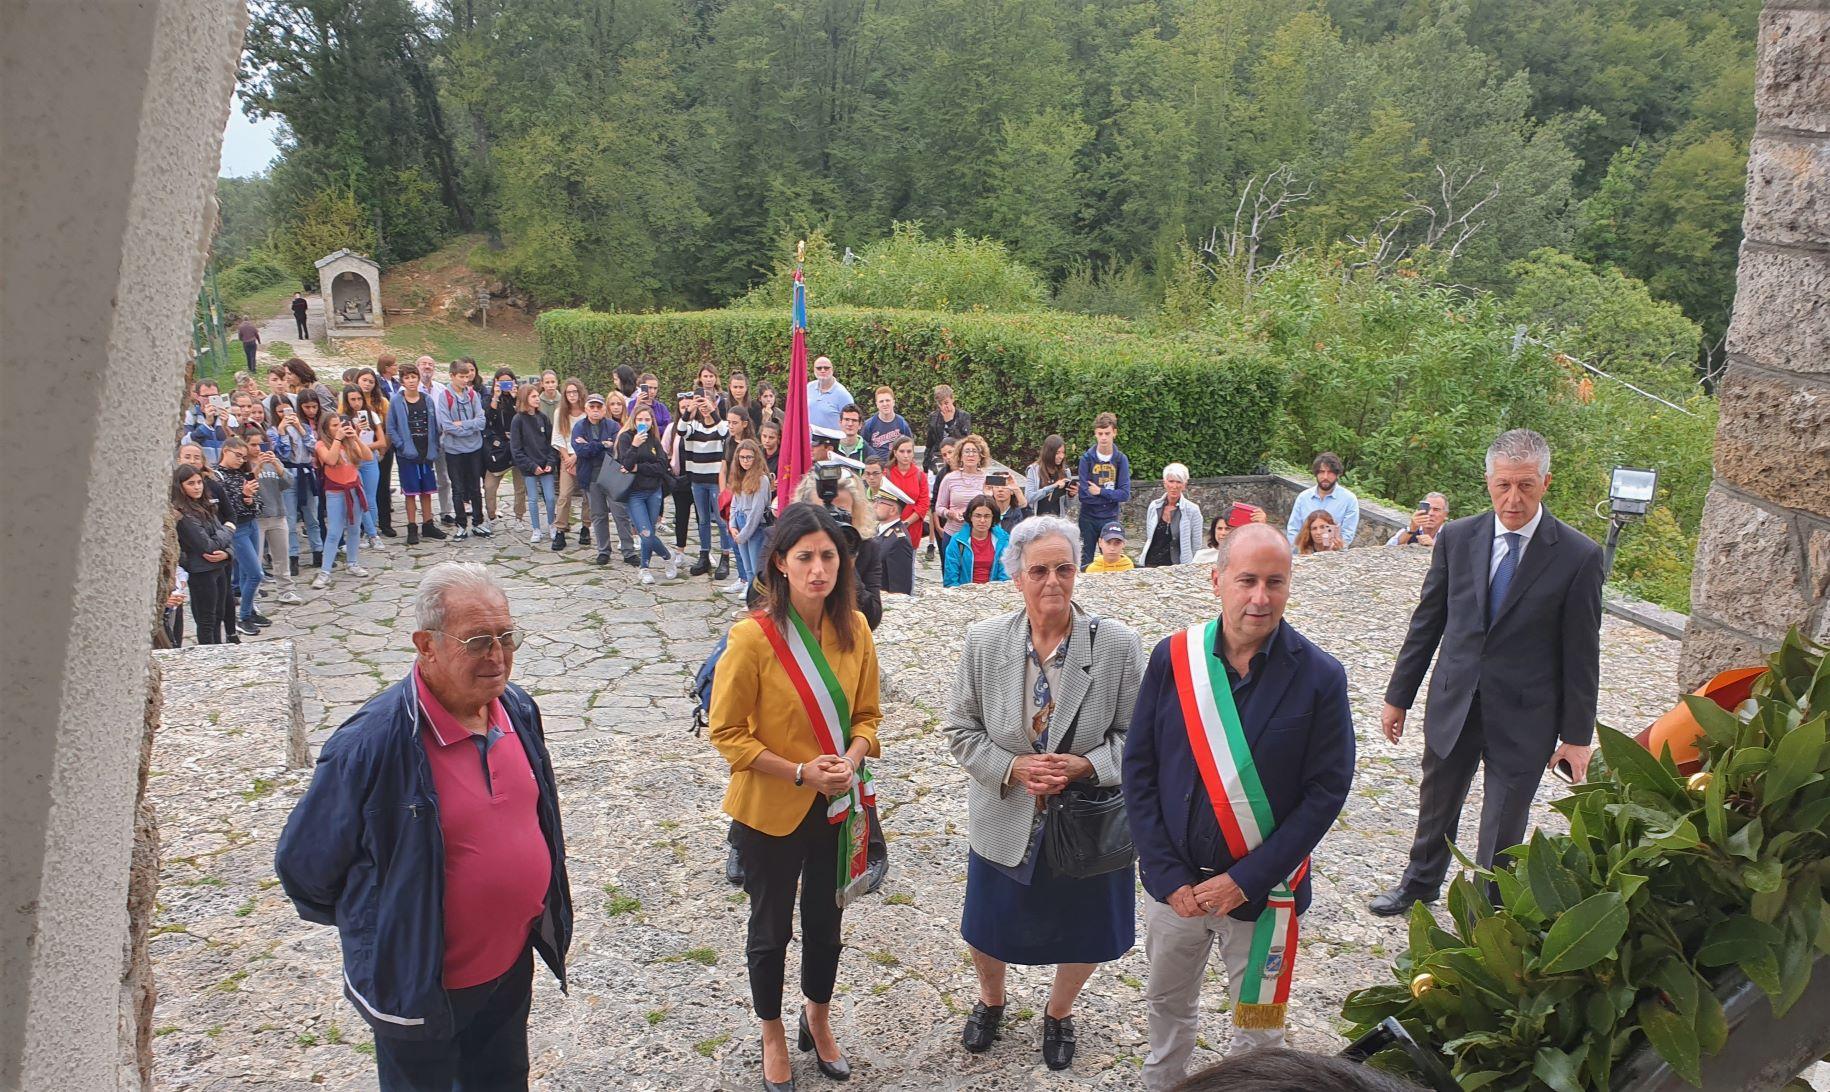 La sindaca Virgina Raggi e oltre 100 studenti romani a Sant'Anna di Stazzema